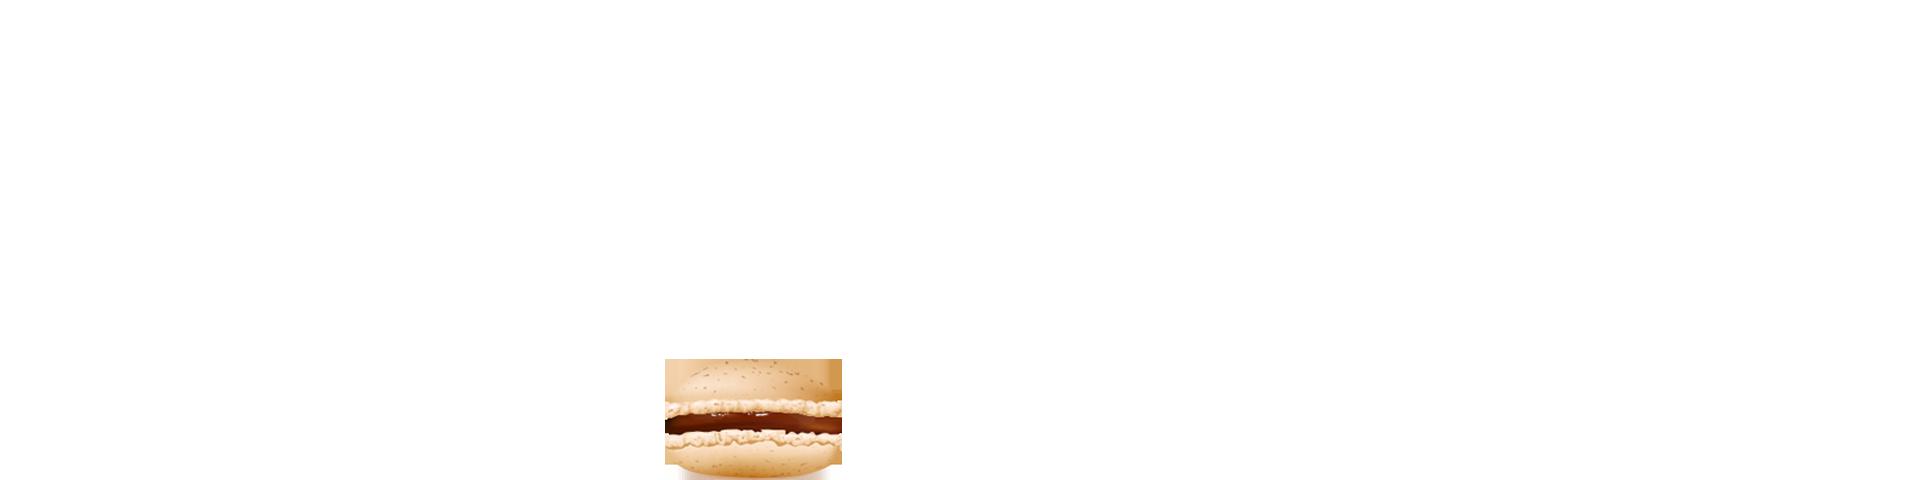 makronen-flavour_4.png